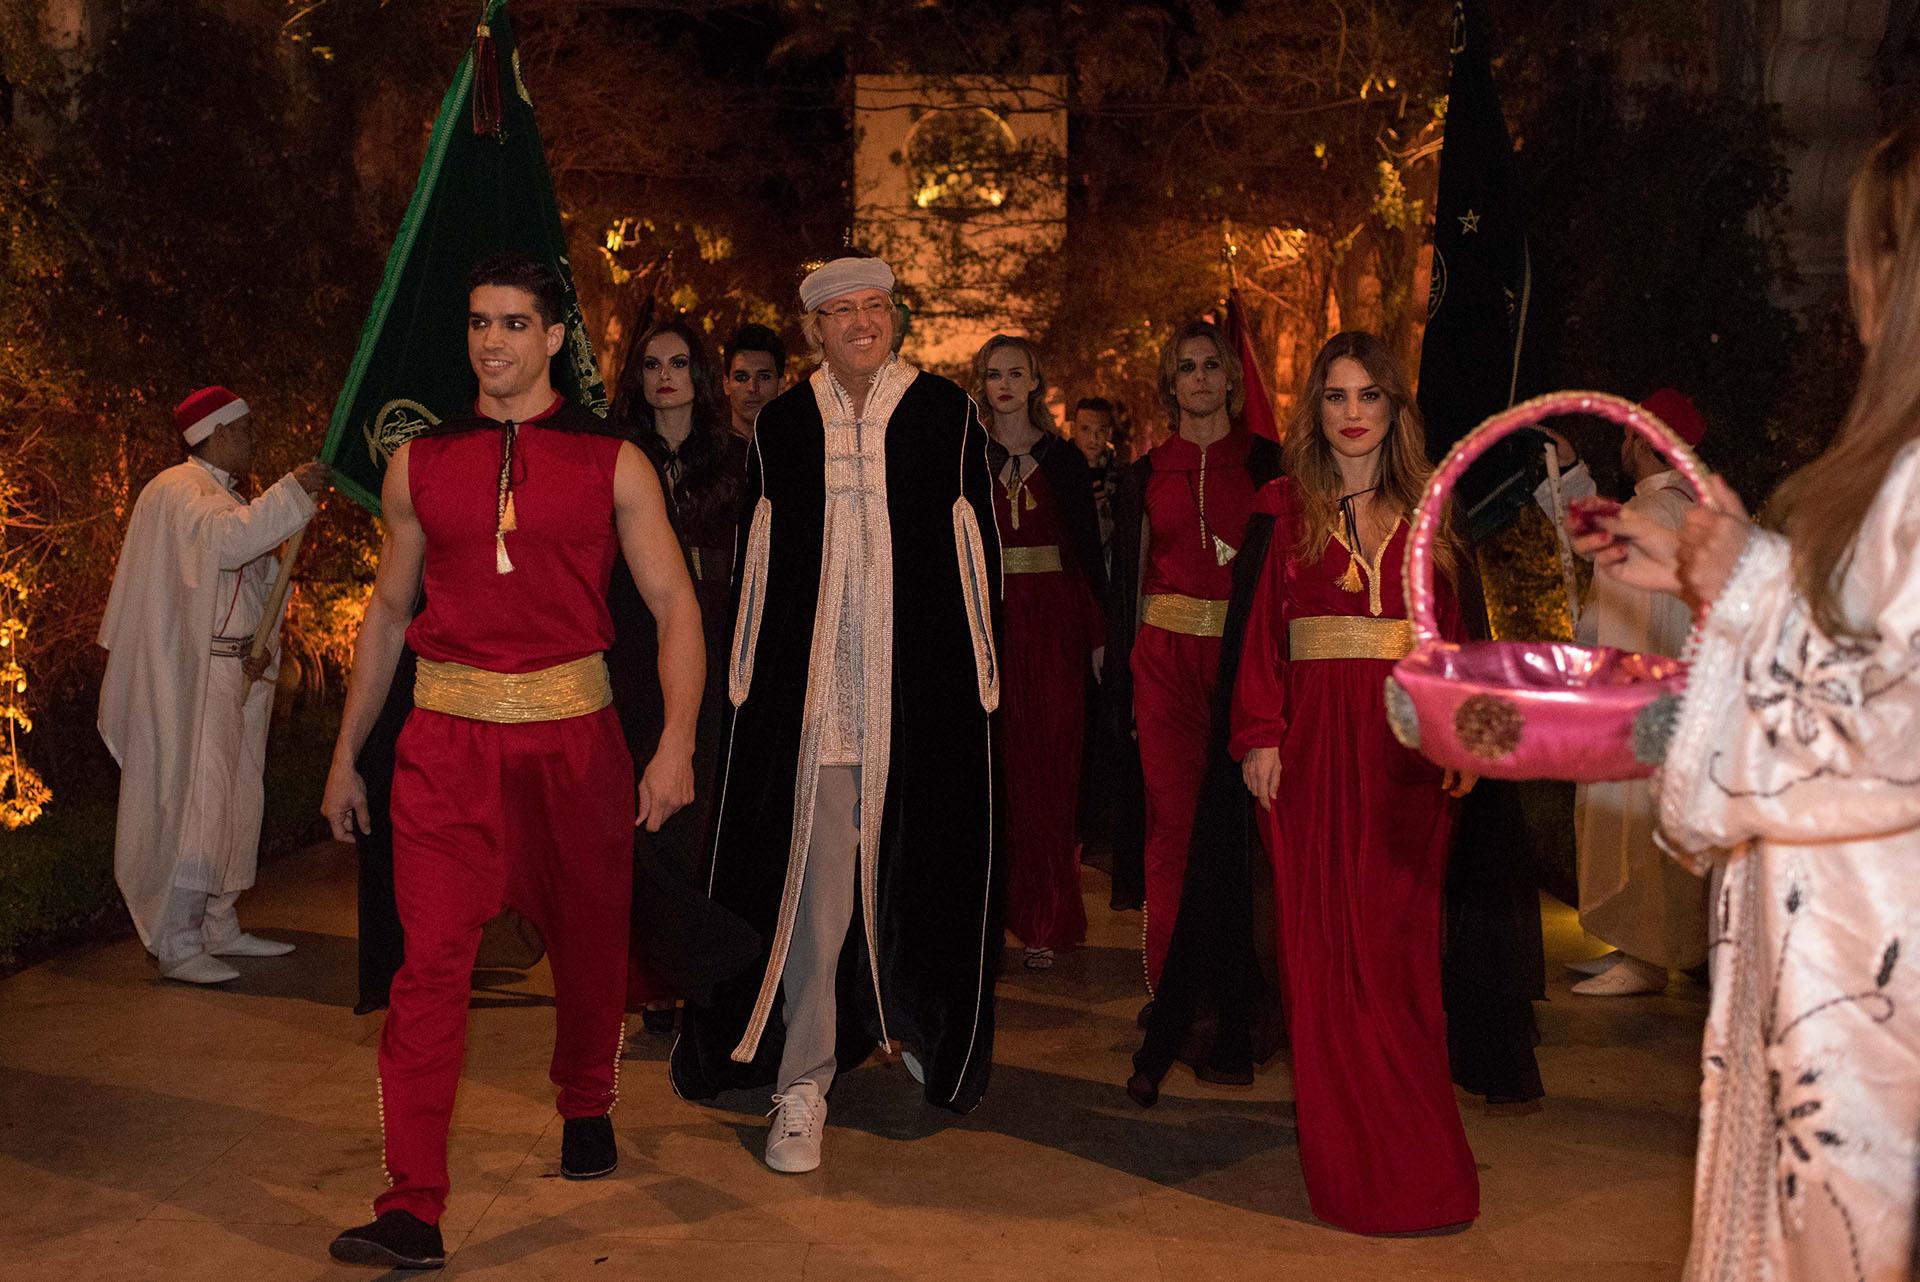 Alejandro Roemmers en su entrada a la fiesta oriental